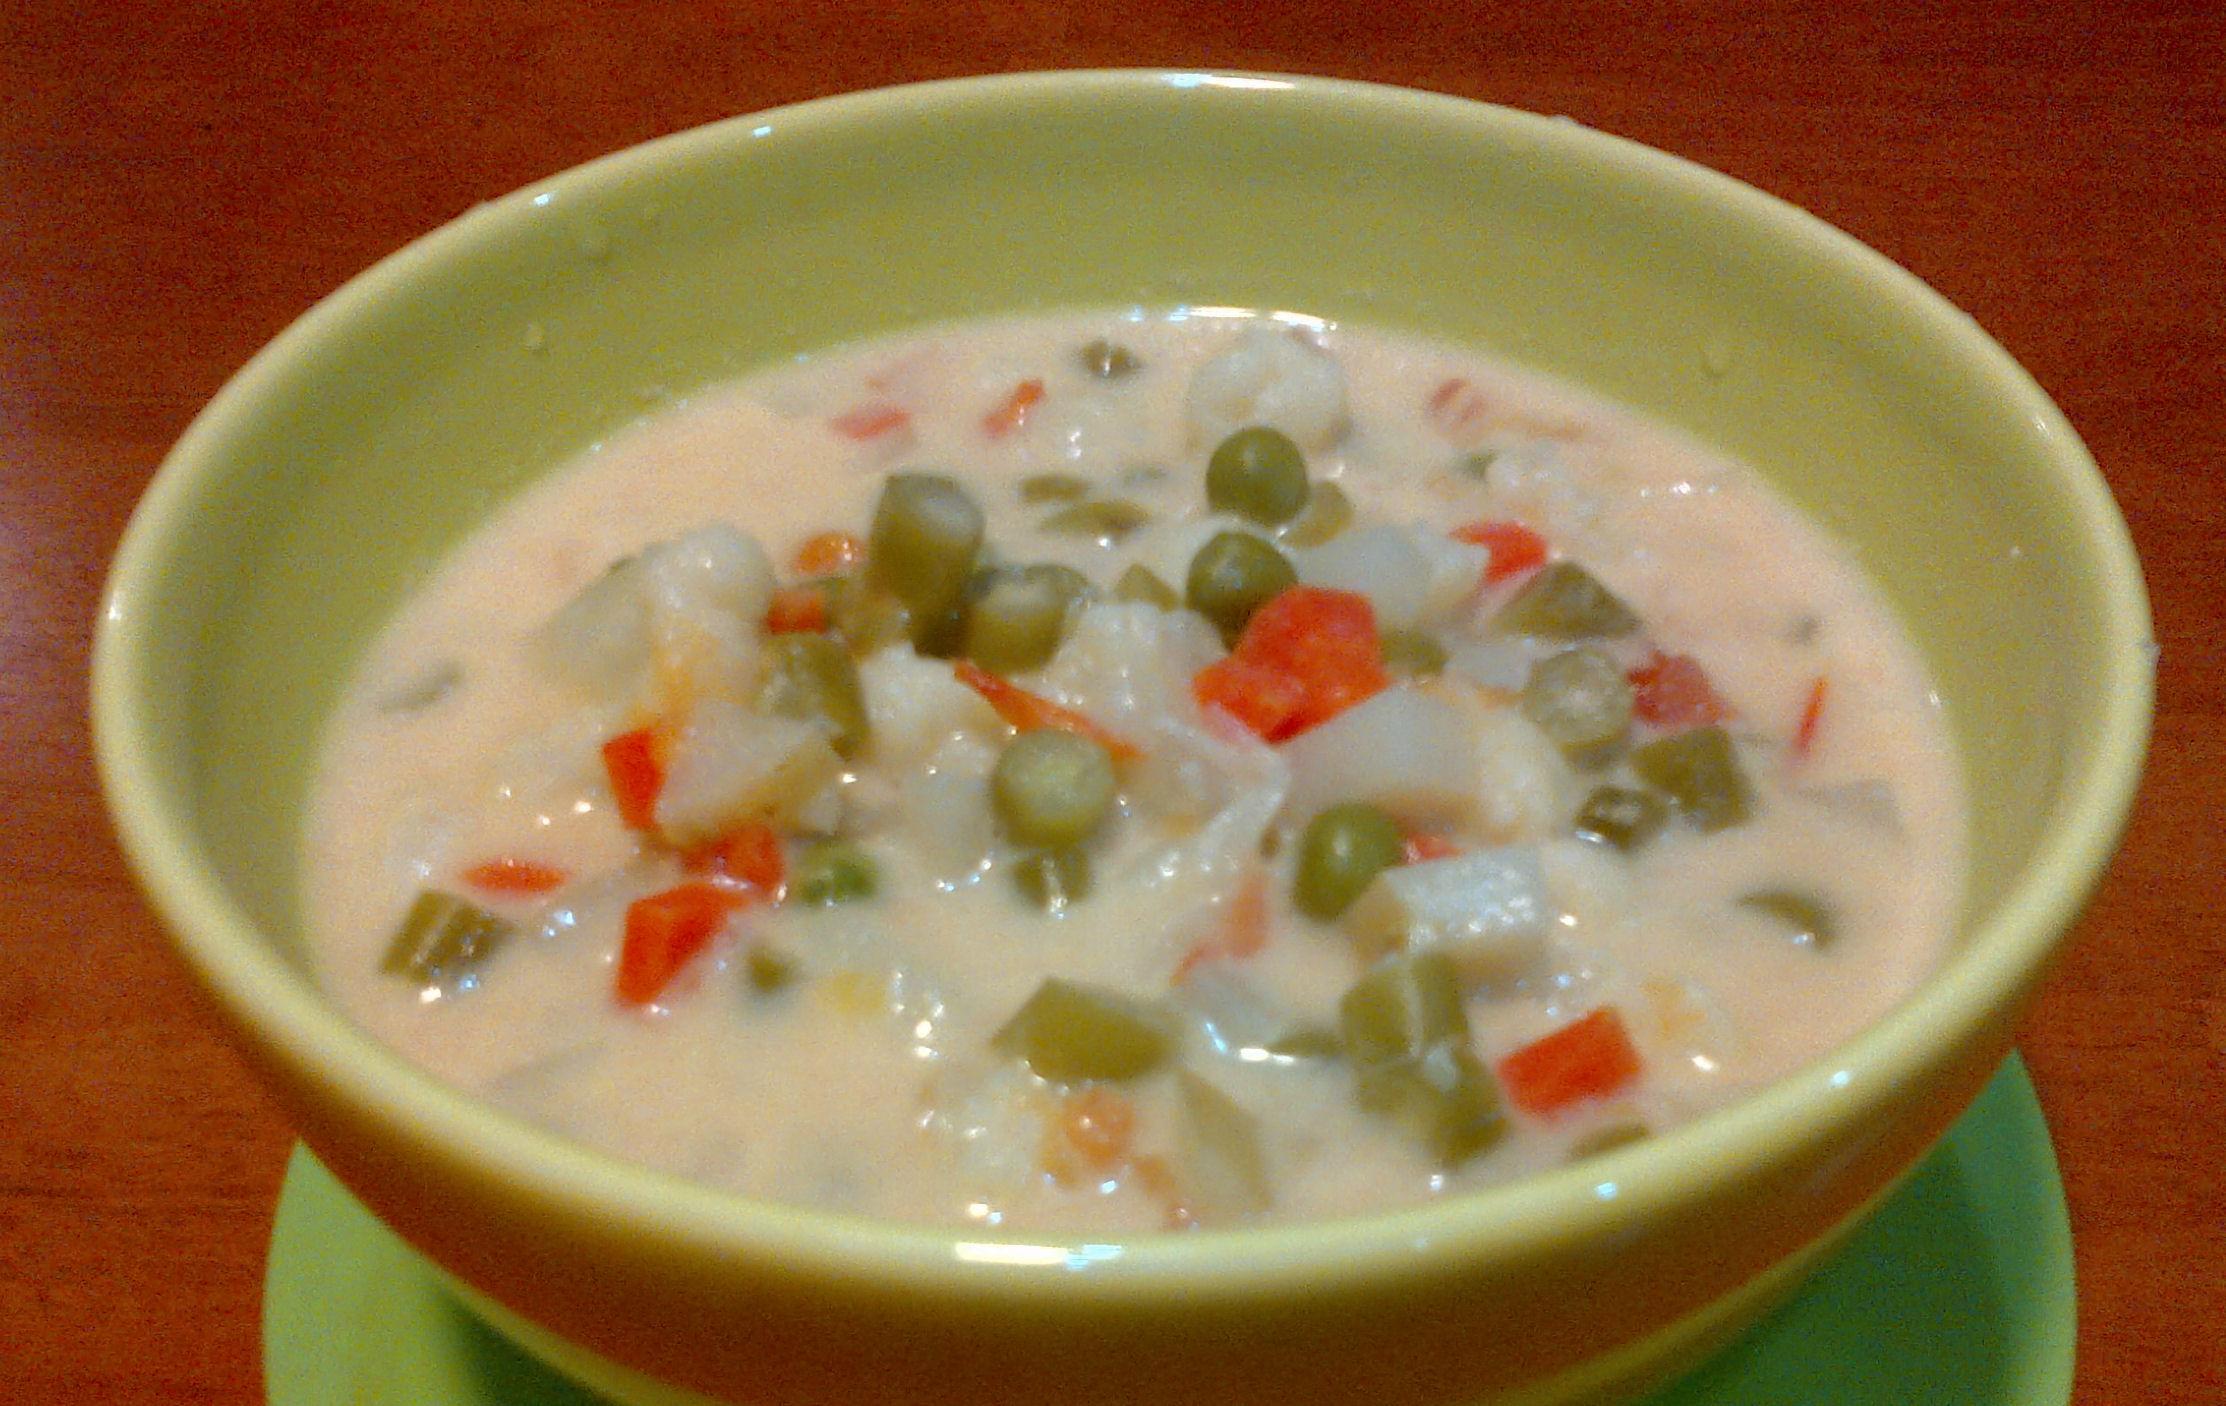 'Blanquette de légumes' - aka Vegetable Stew!